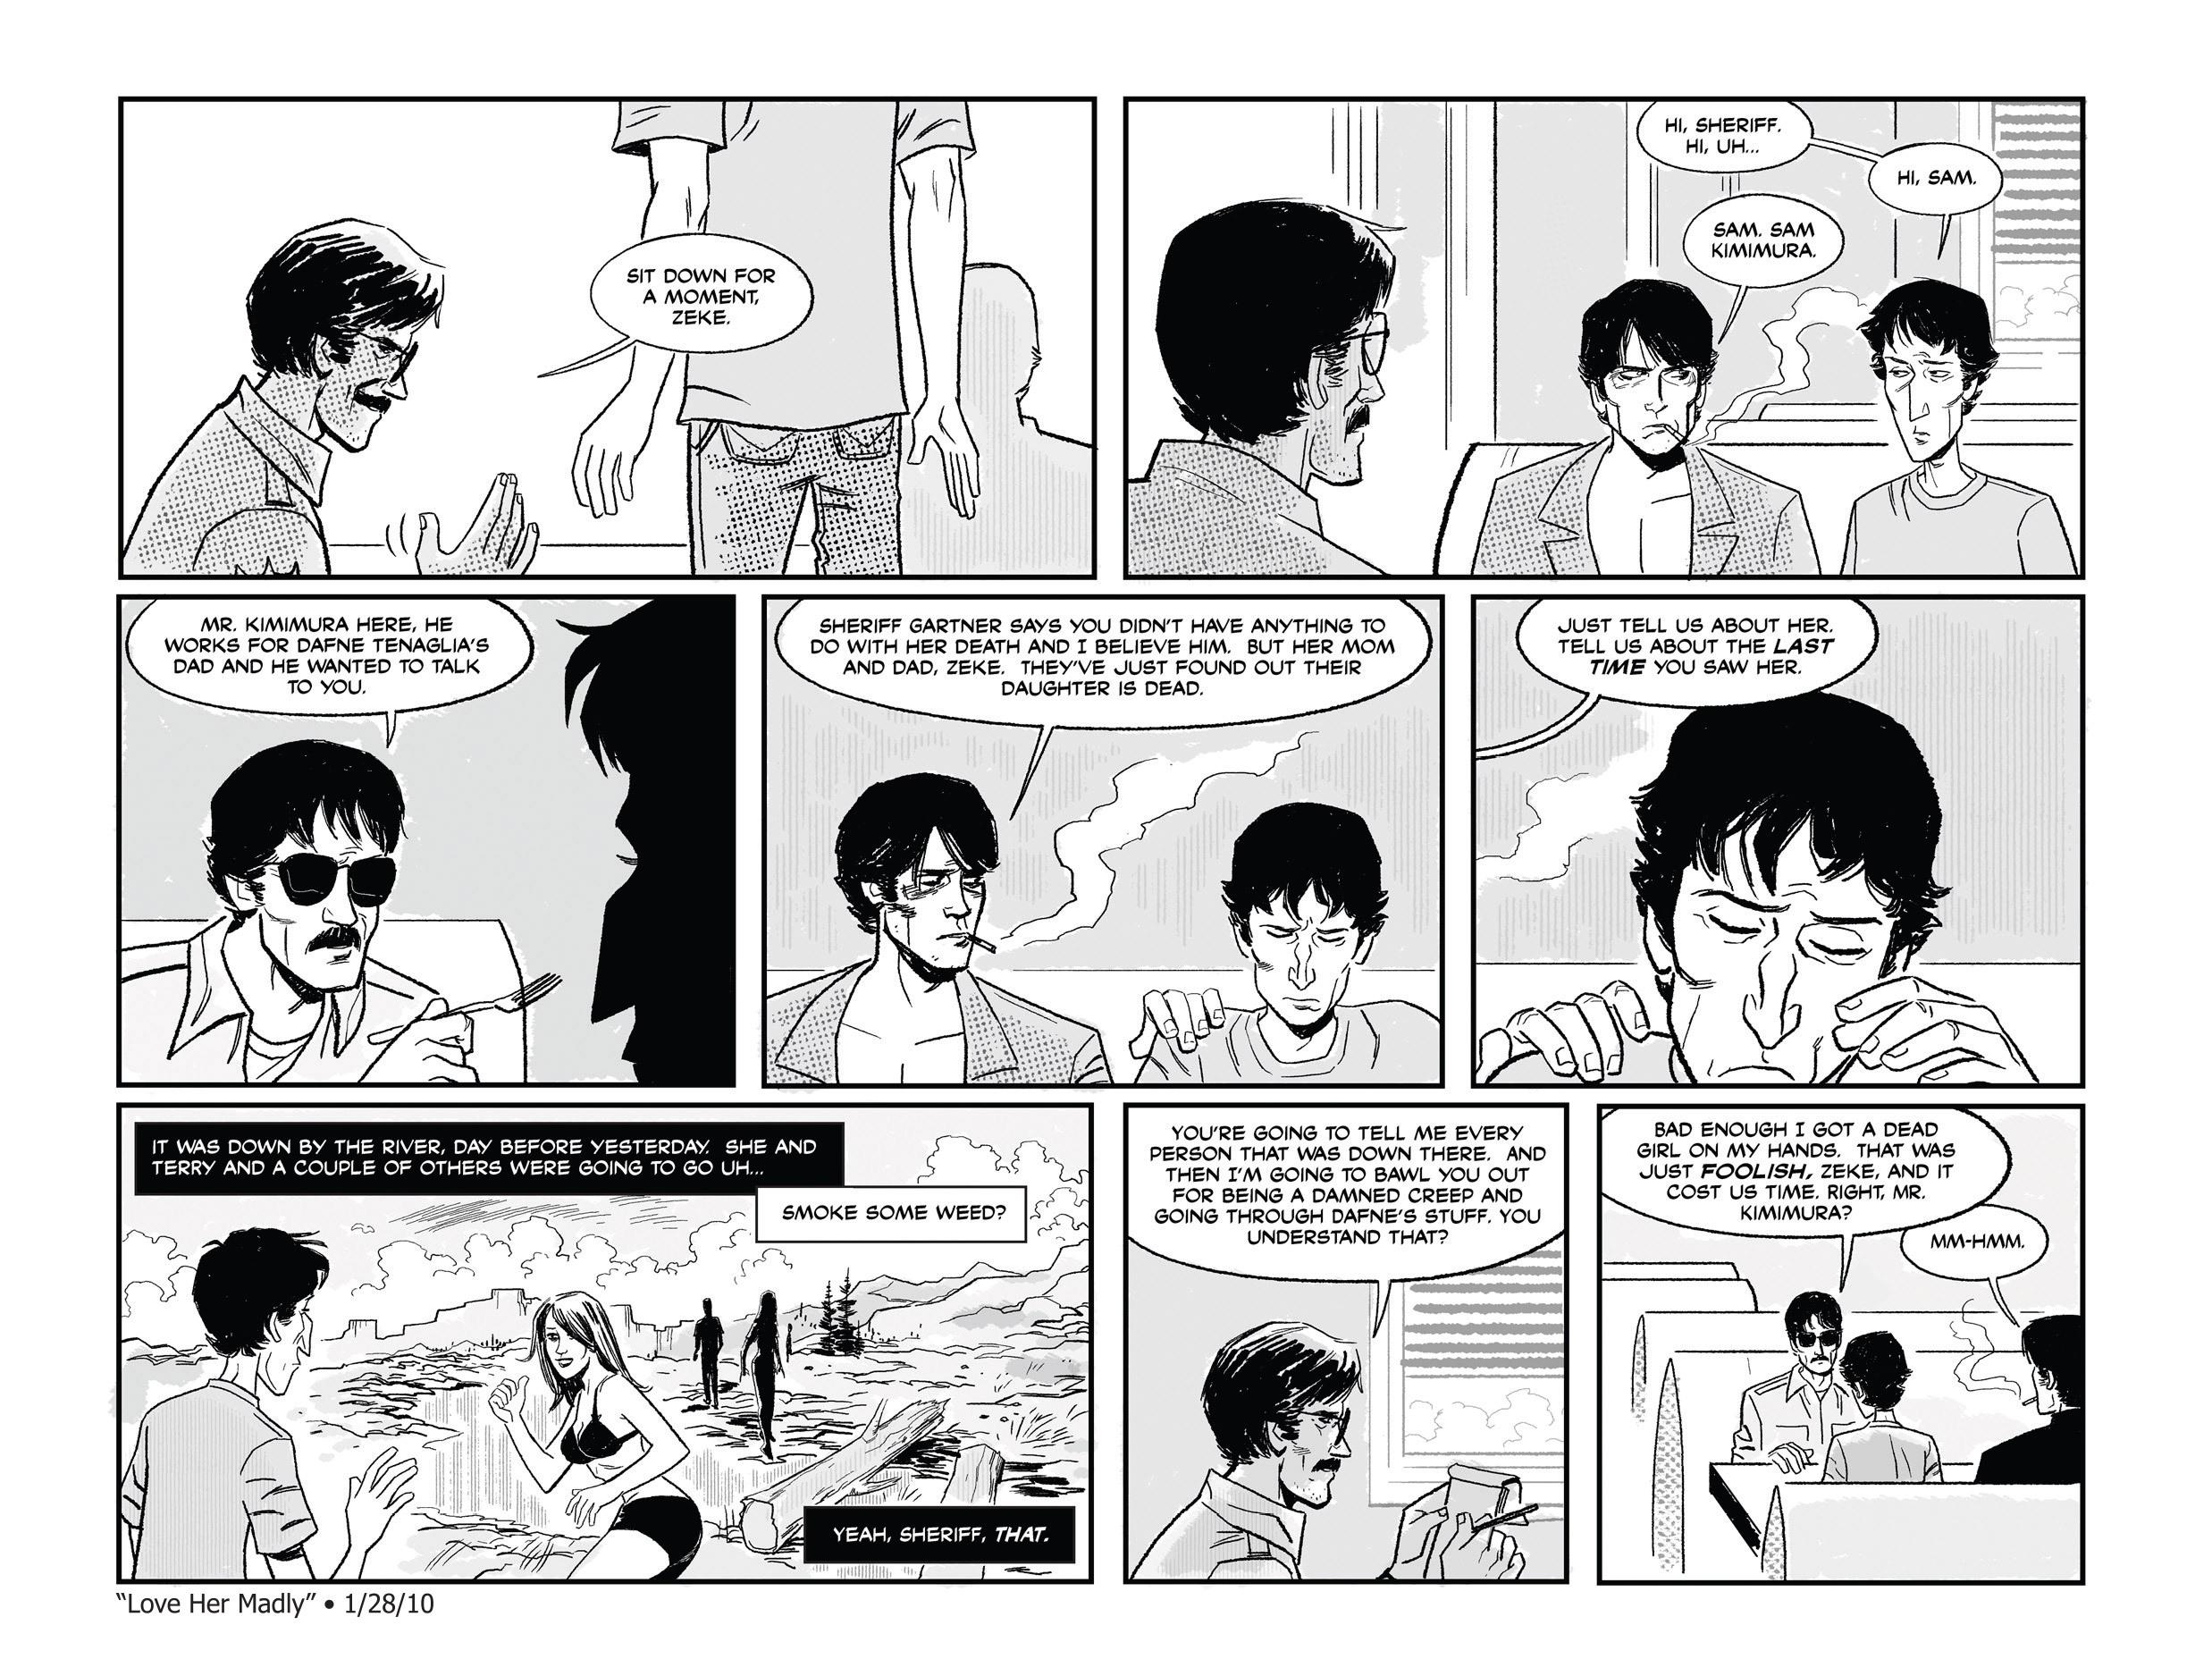 Read online She Died In Terrebonne comic -  Issue #2 - 8